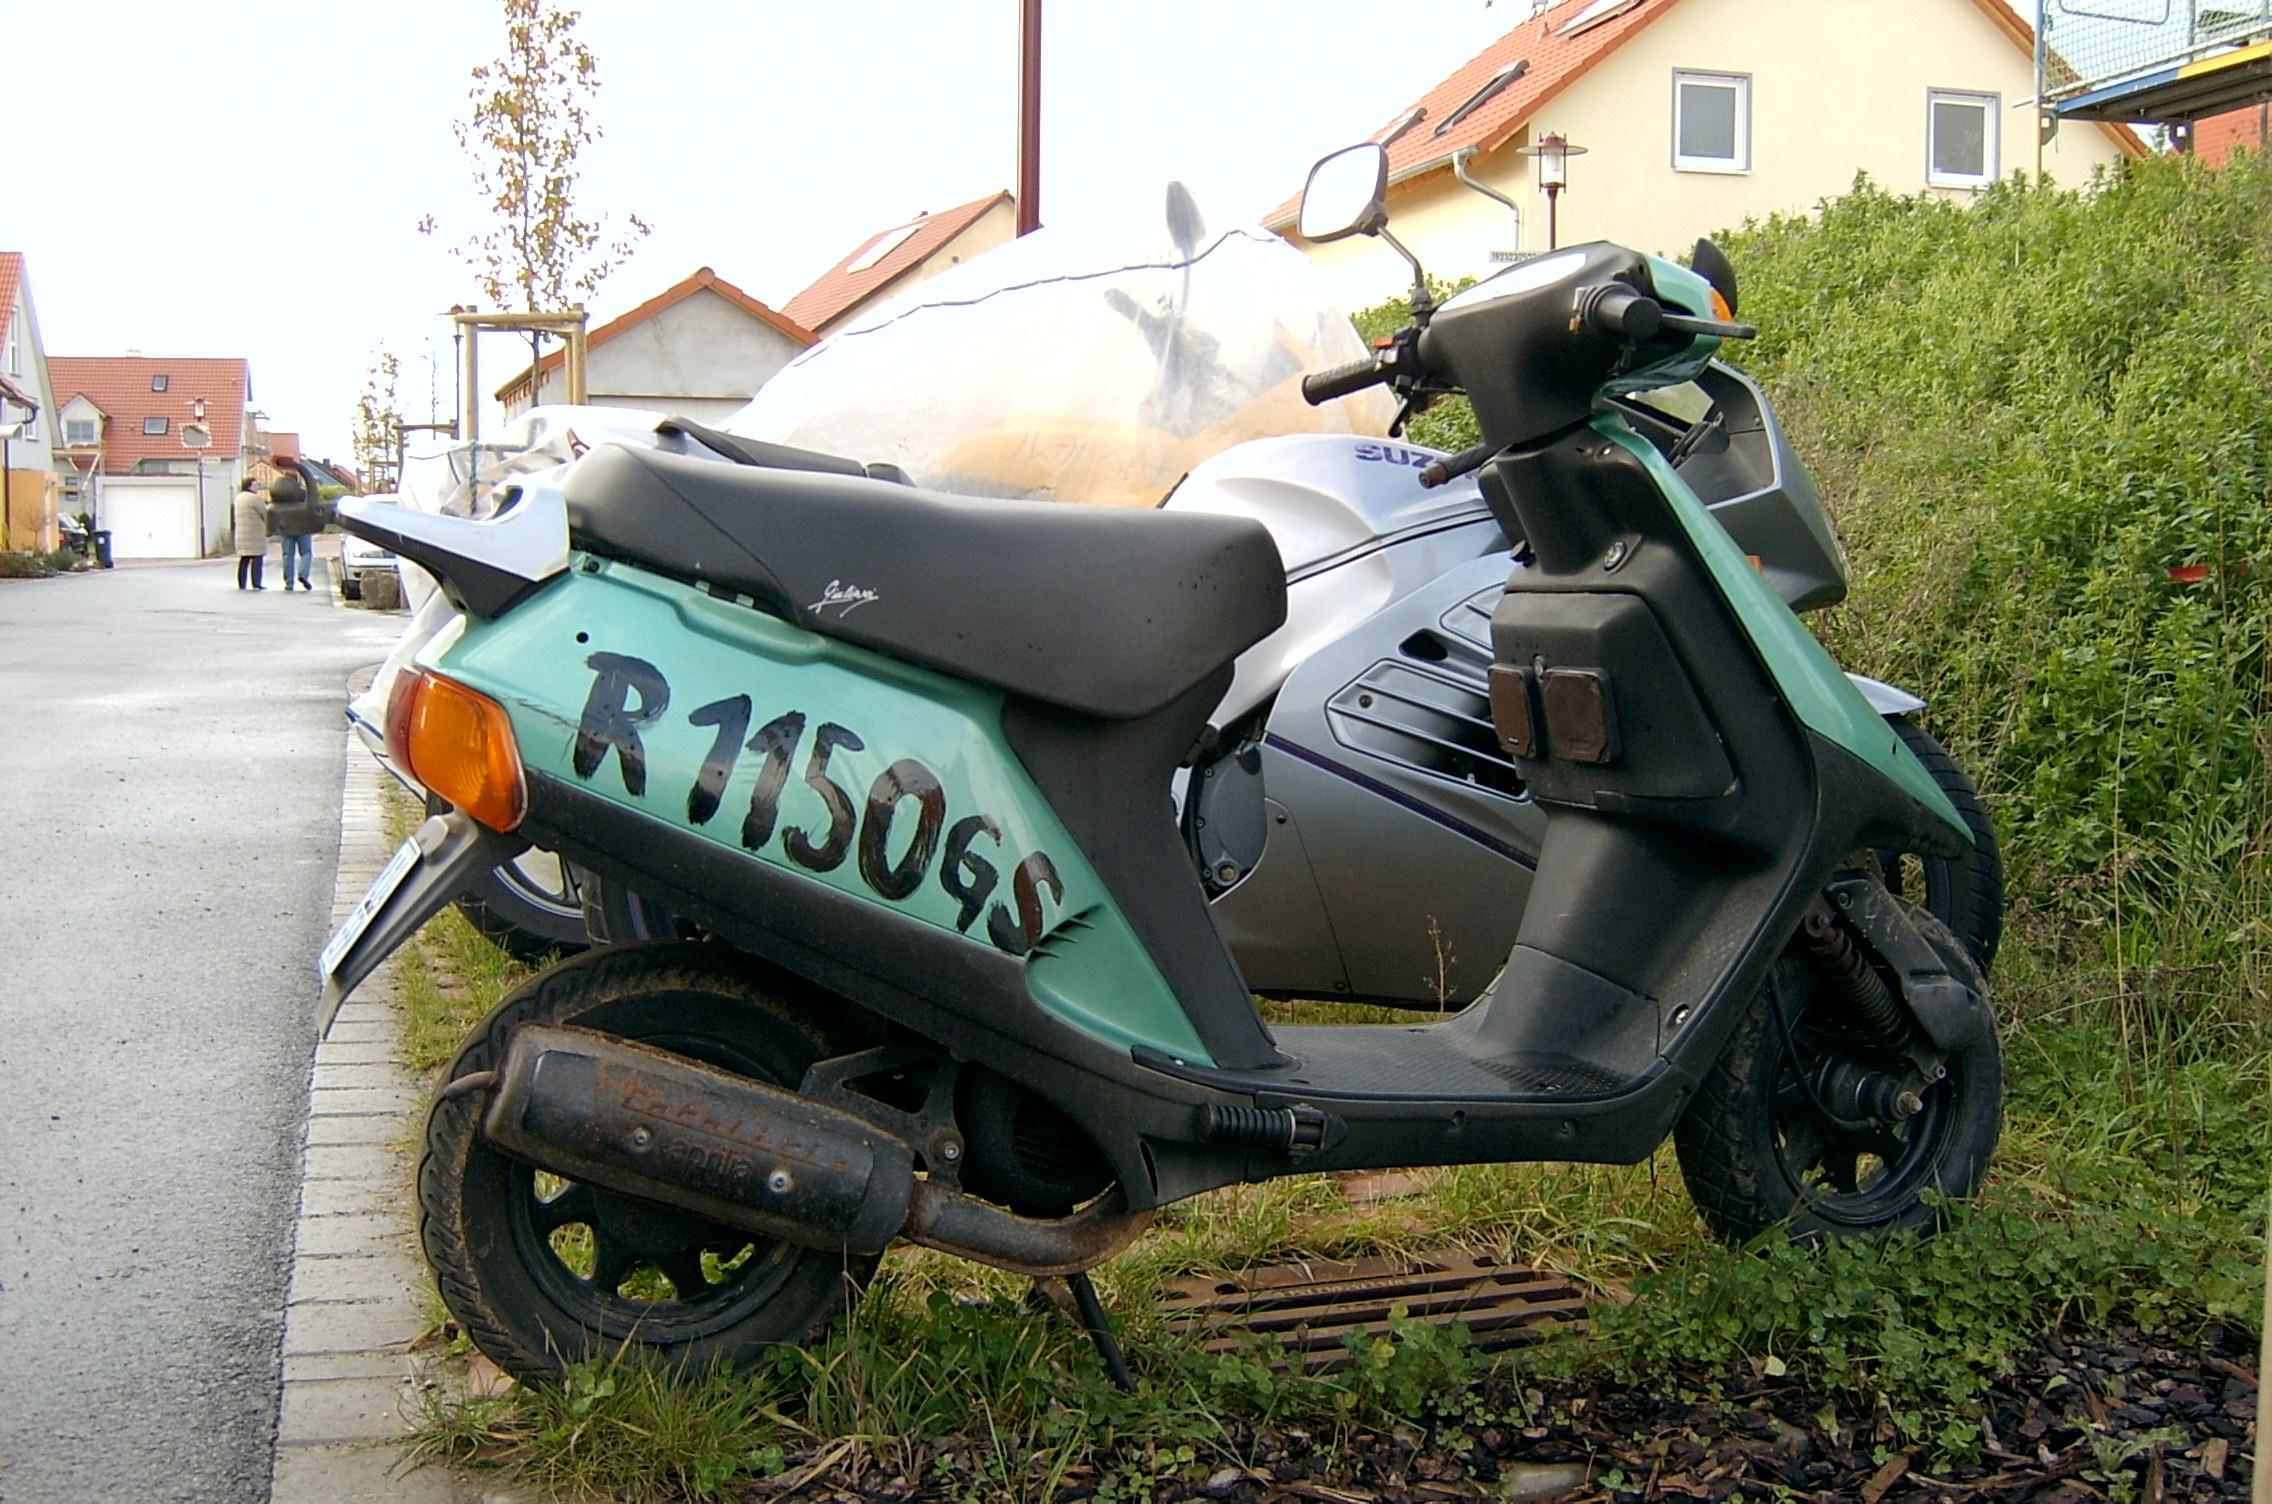 r1150gs.jpg